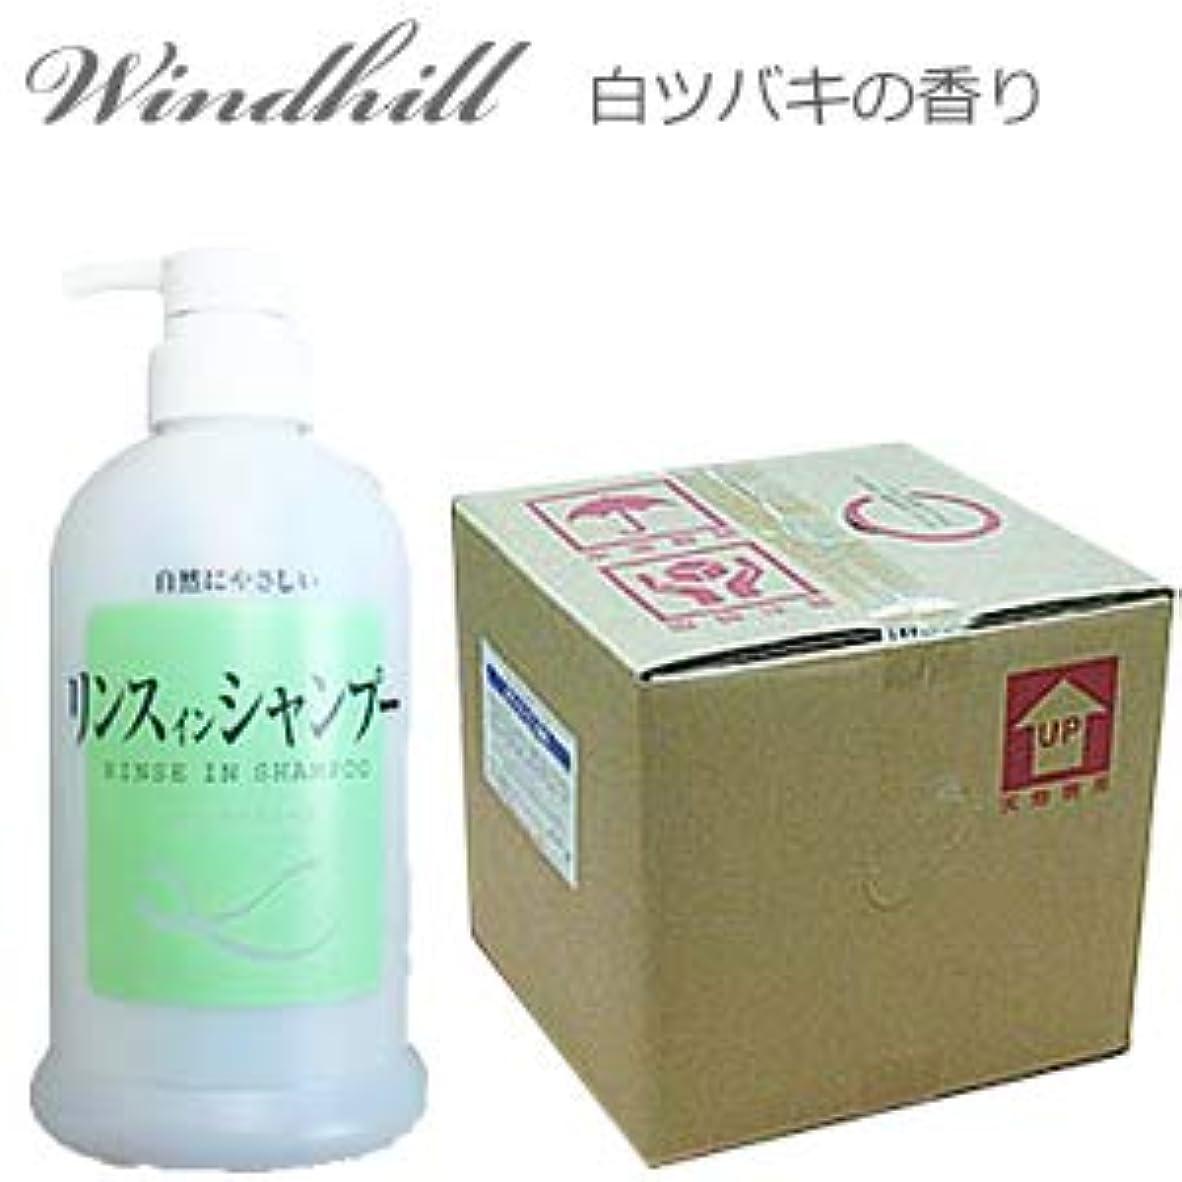 縁言い訳忙しいなんと! 500ml当り175円 Windhill 植物性 業務用 リンスインシャンプー 白椿の香り